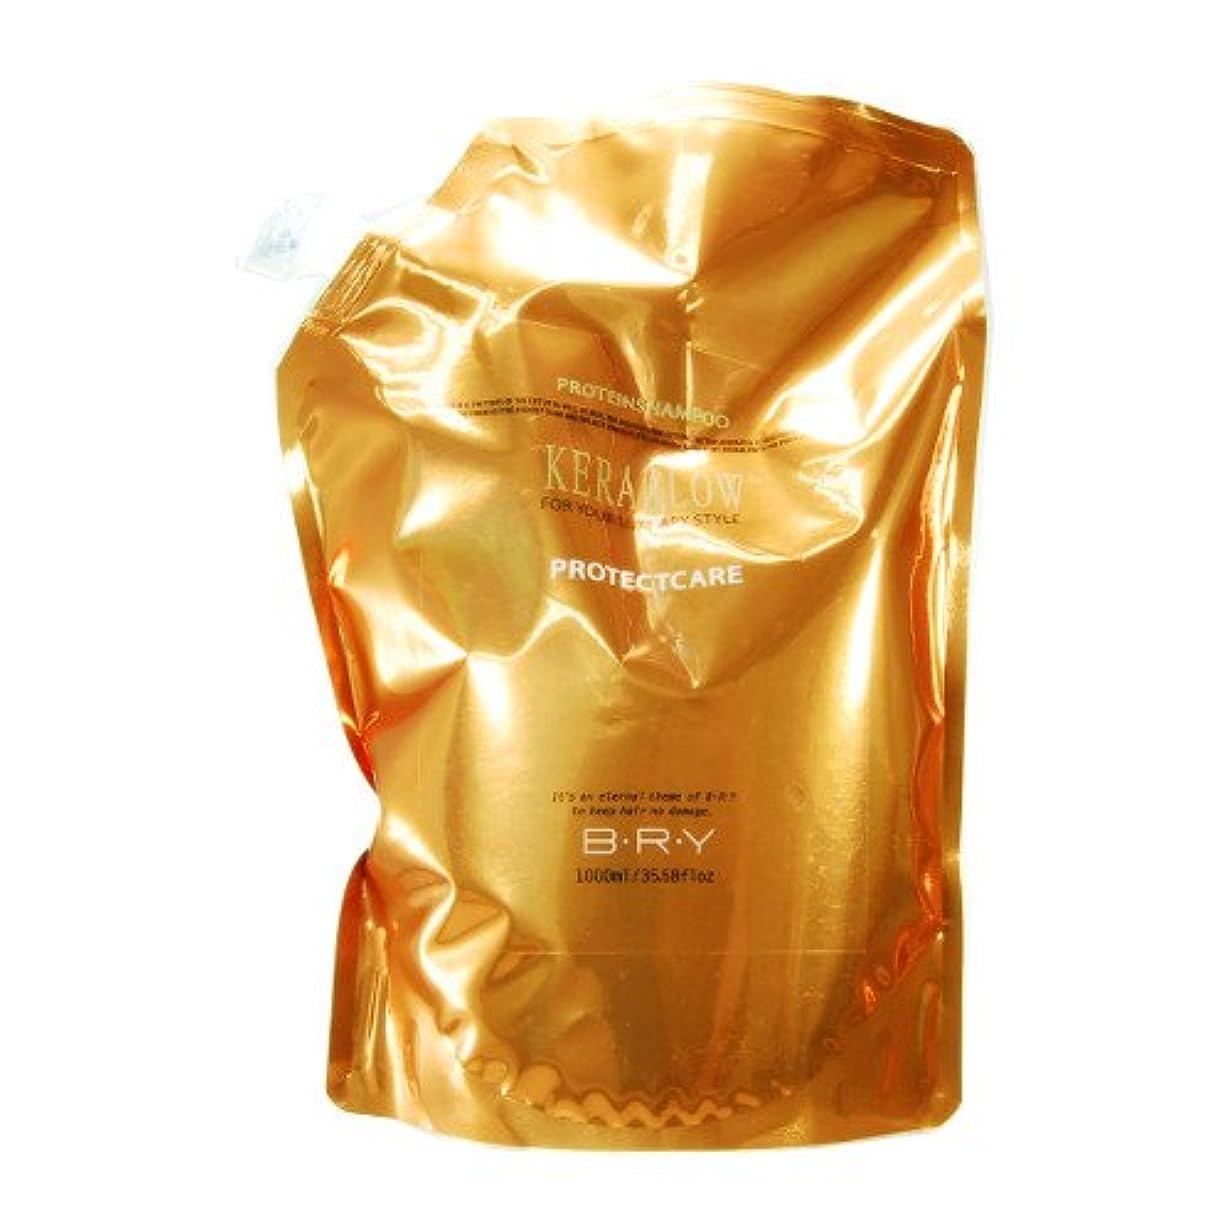 気味の悪い制限する気配りのあるBRY(ブライ) ケラブロー プロテクトケア プロテインシャンプー 1000ml レフィル